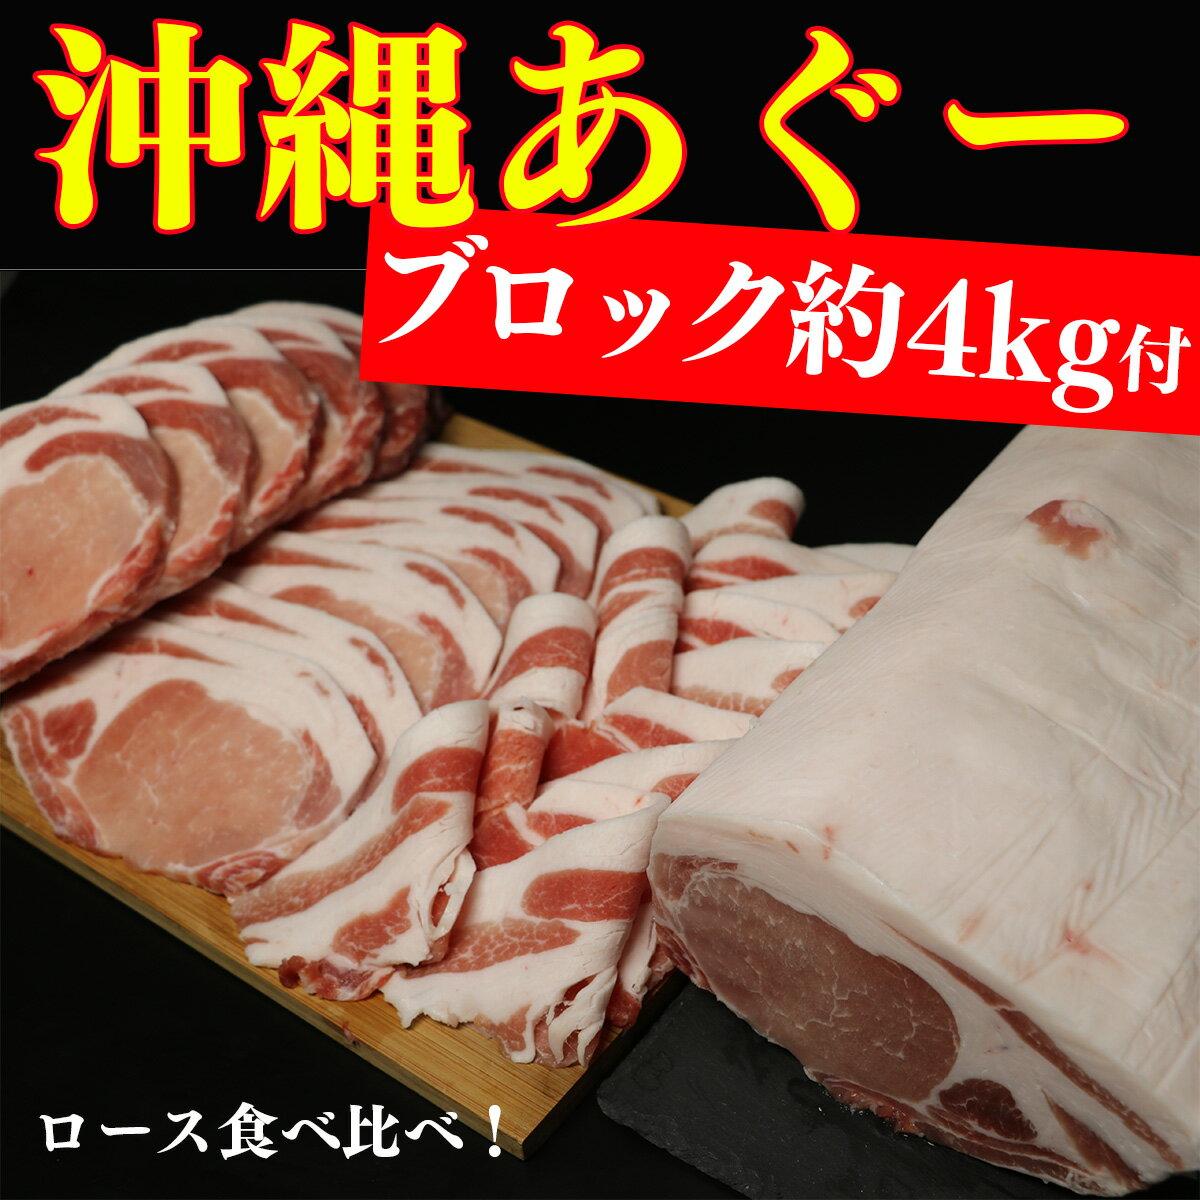 【ふるさと納税】沖縄あぐーロース食べ方色々セット&ブロック約4kg 特製シークヮーサーポン酢付き